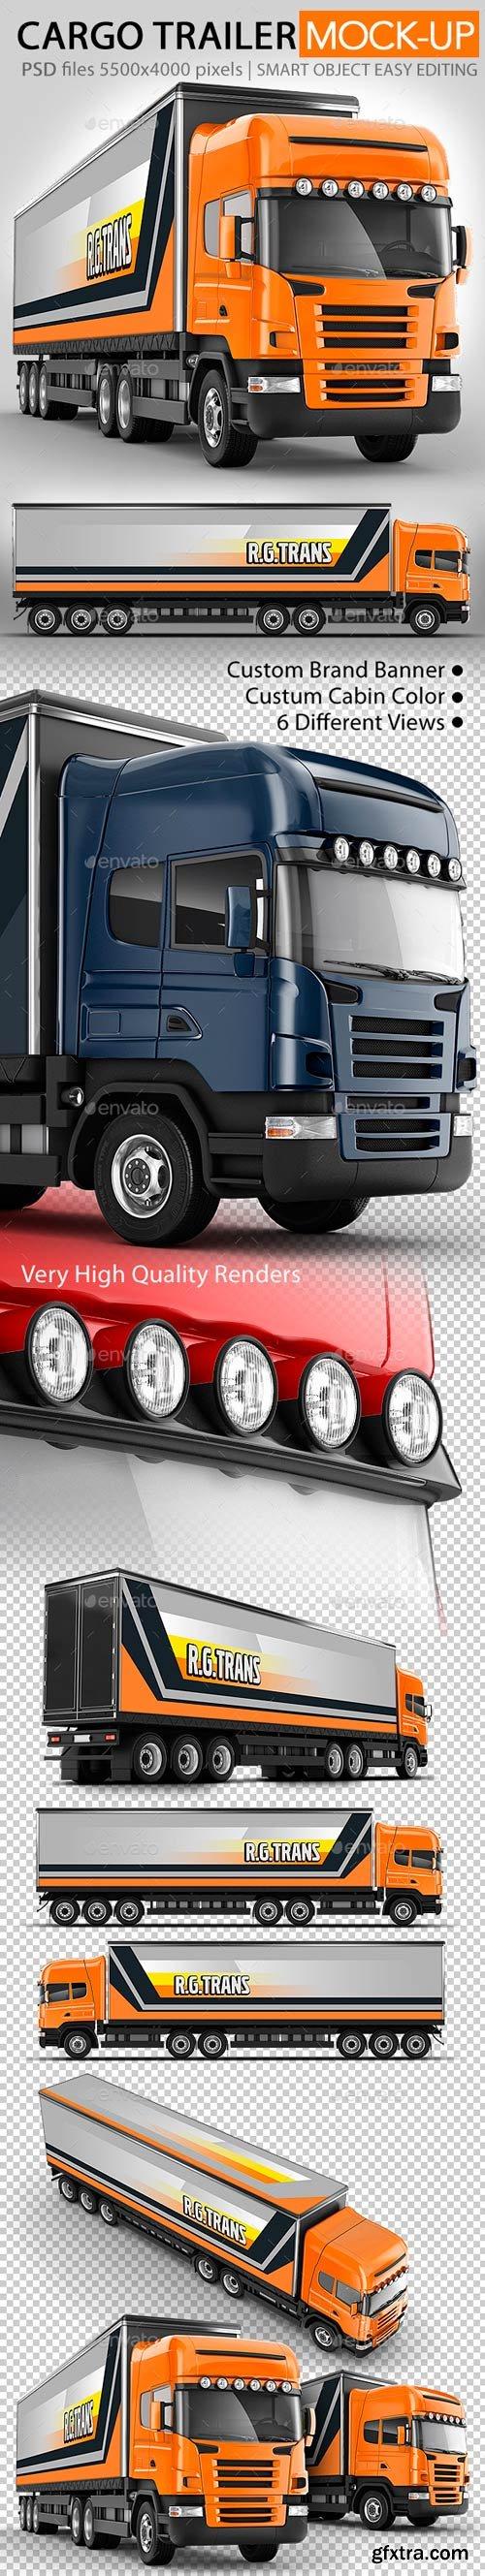 GR - Road train, Trailer Truck mock-up